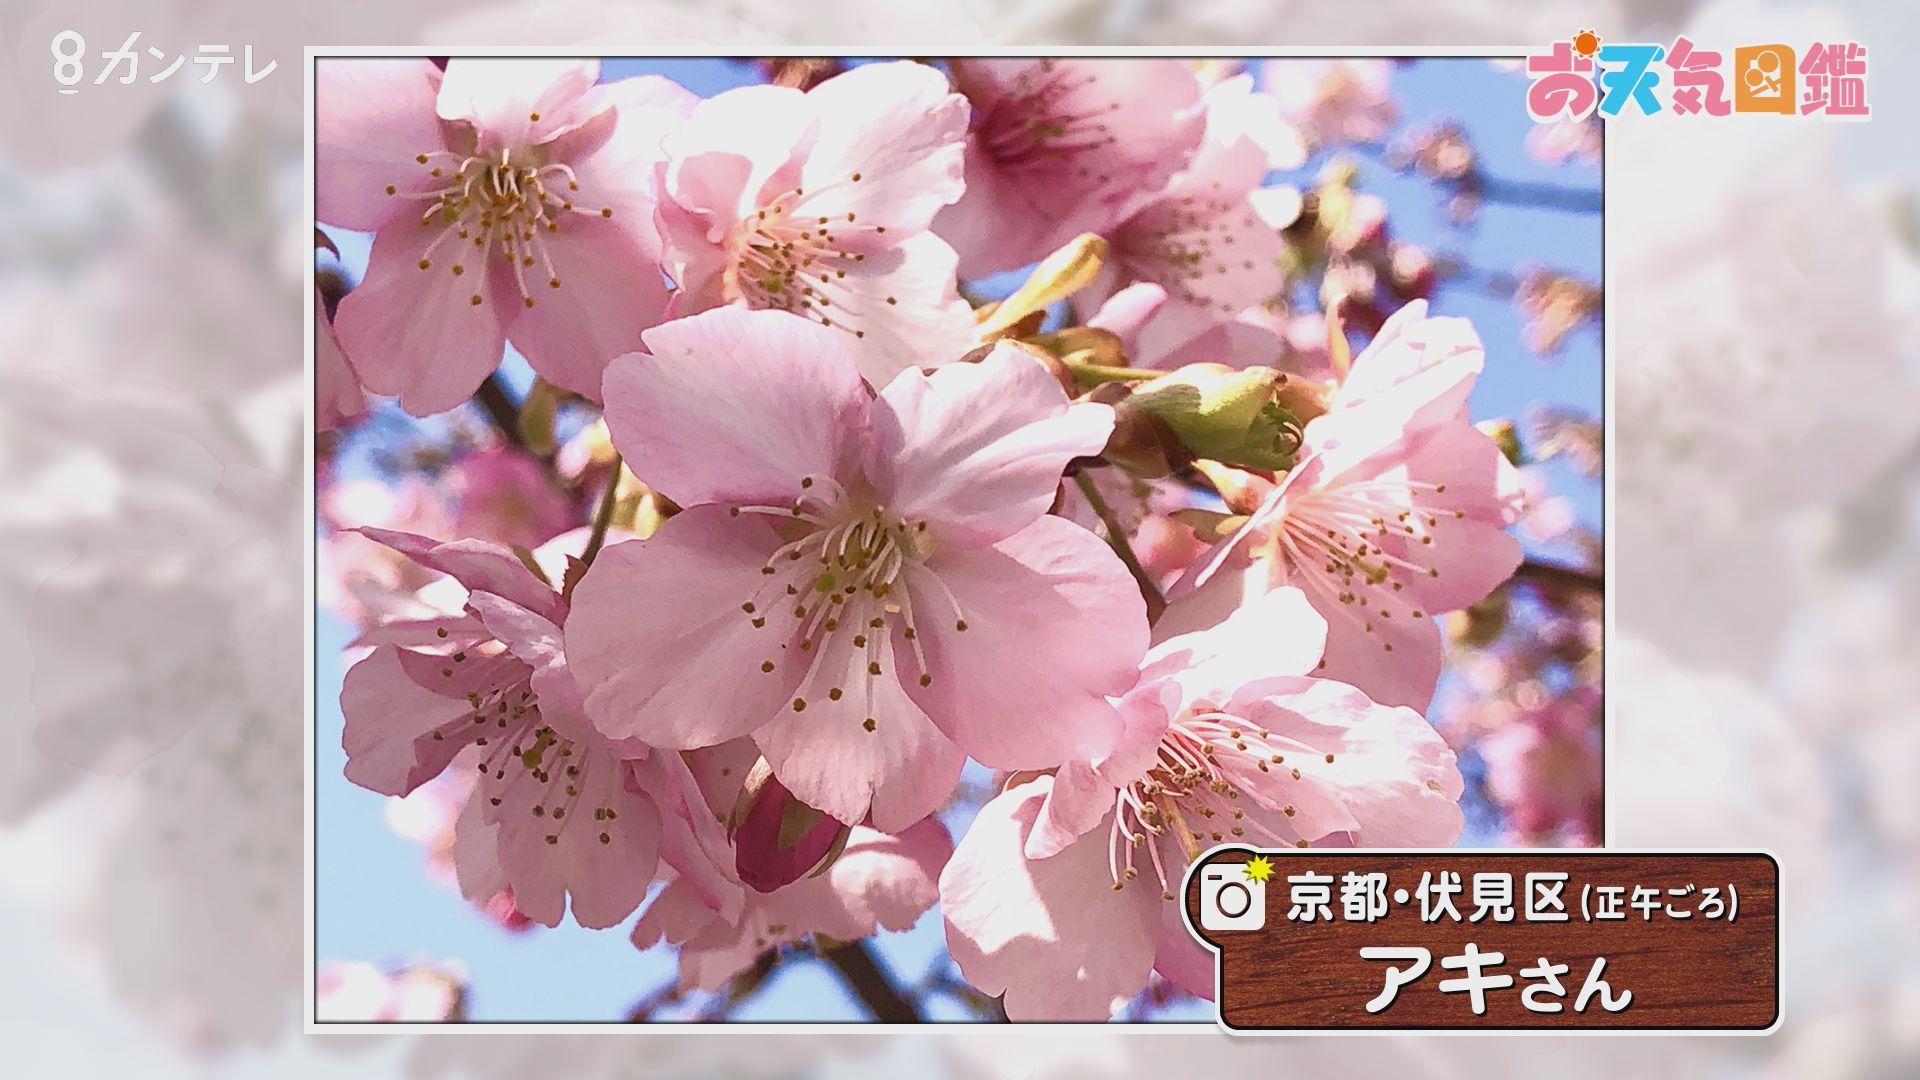 「早くも満開!河津桜」(京都市)